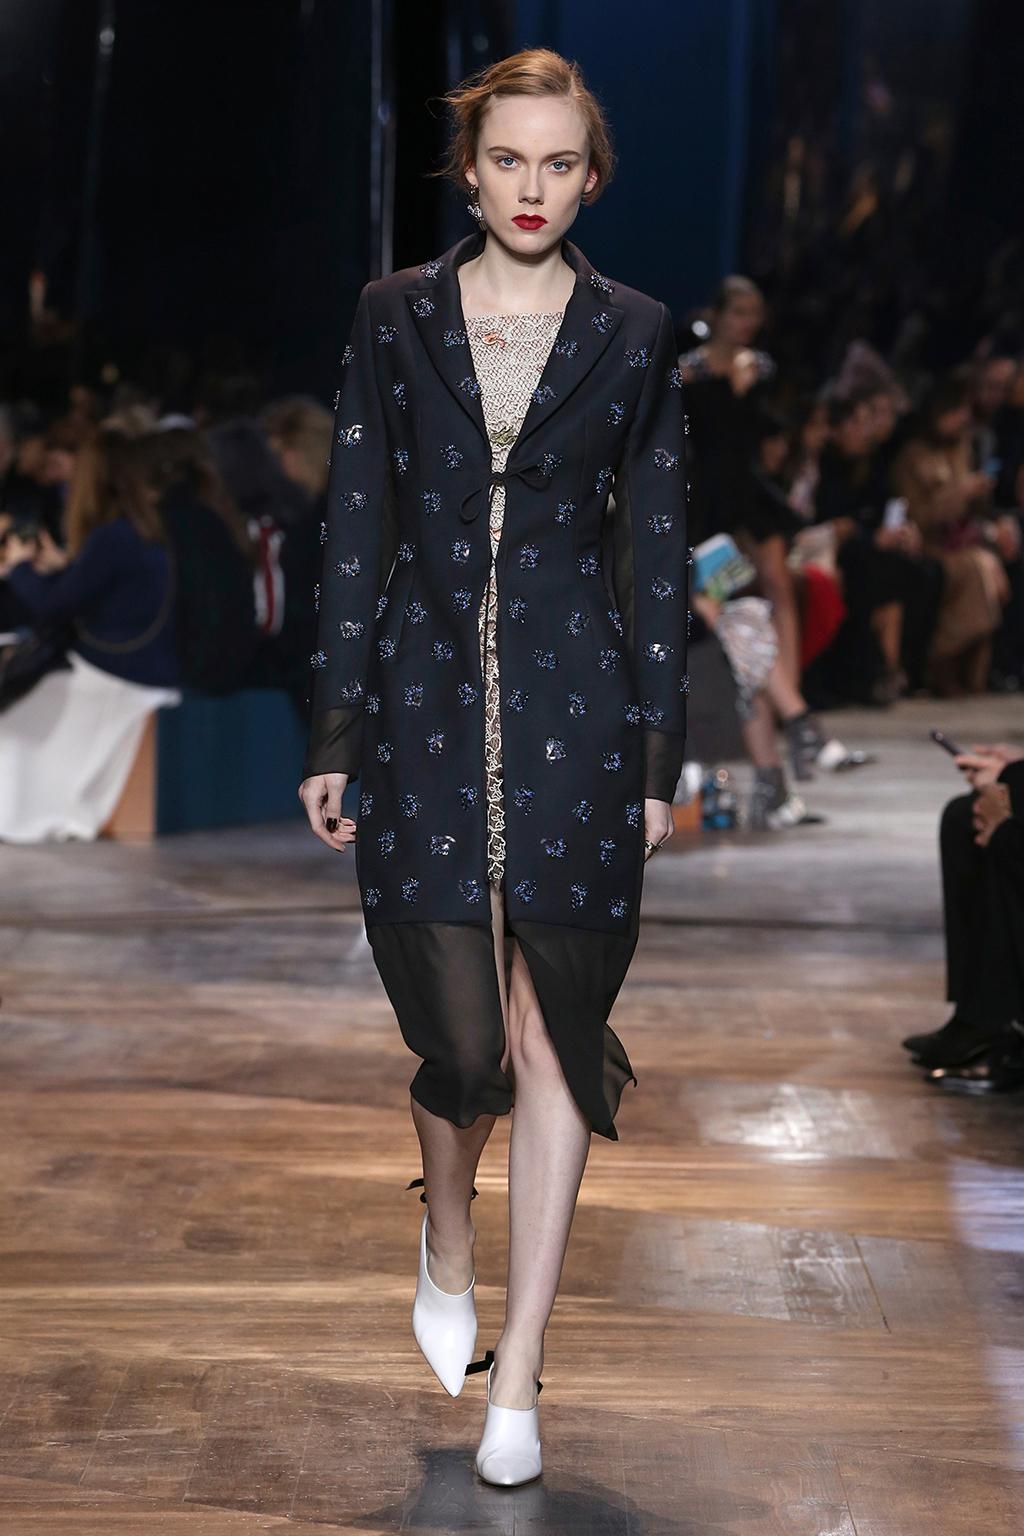 Dior-Couture-Silhouette-11